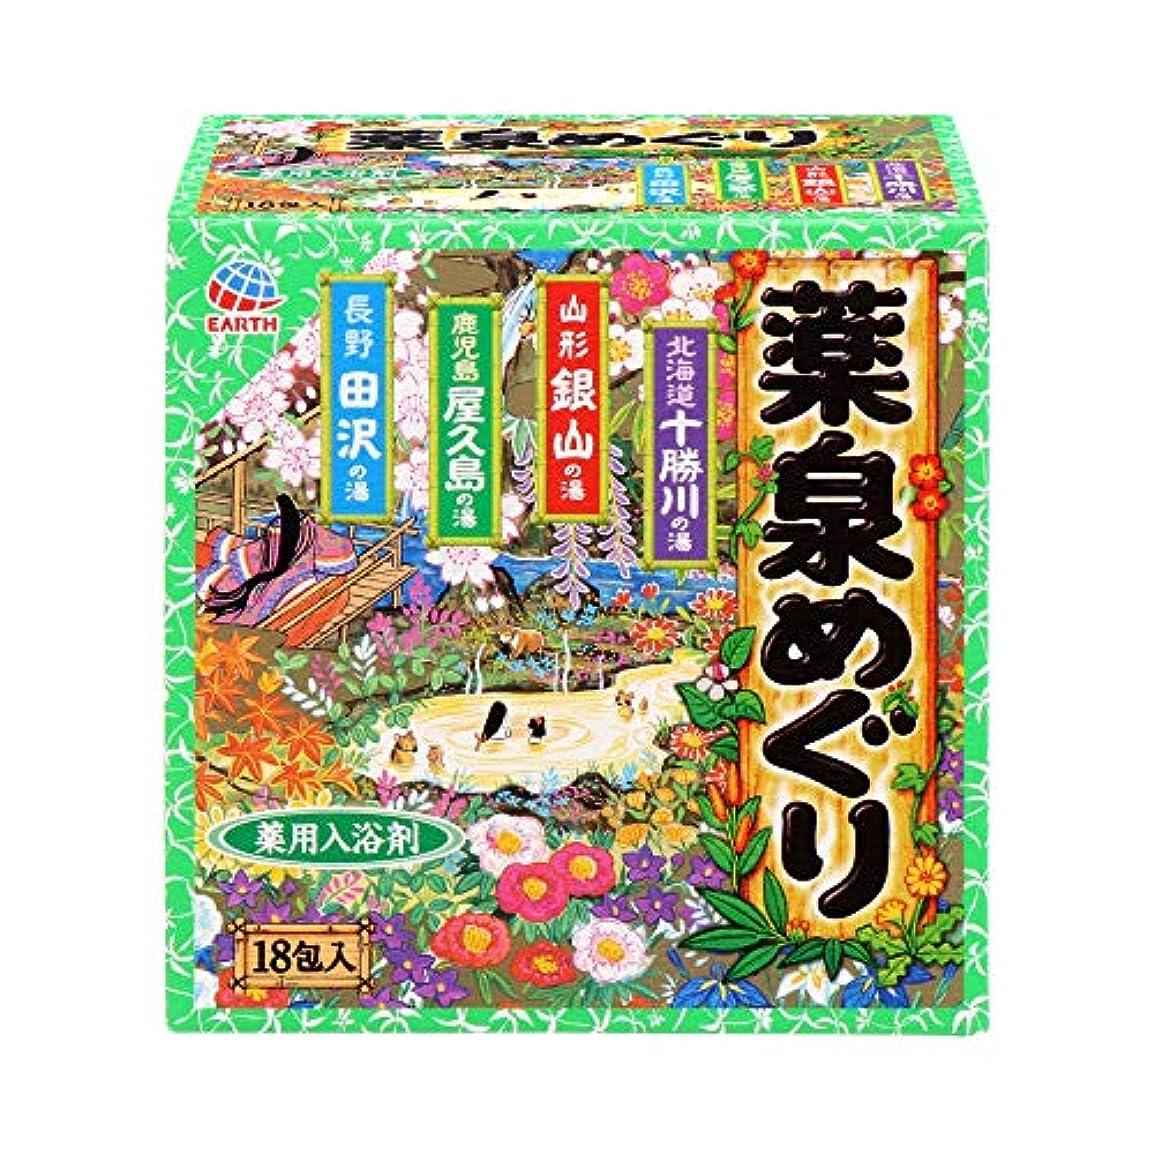 ゴールデンファンタジーヒップ【医薬部外品】薬泉めぐり 入浴剤 [18包入]